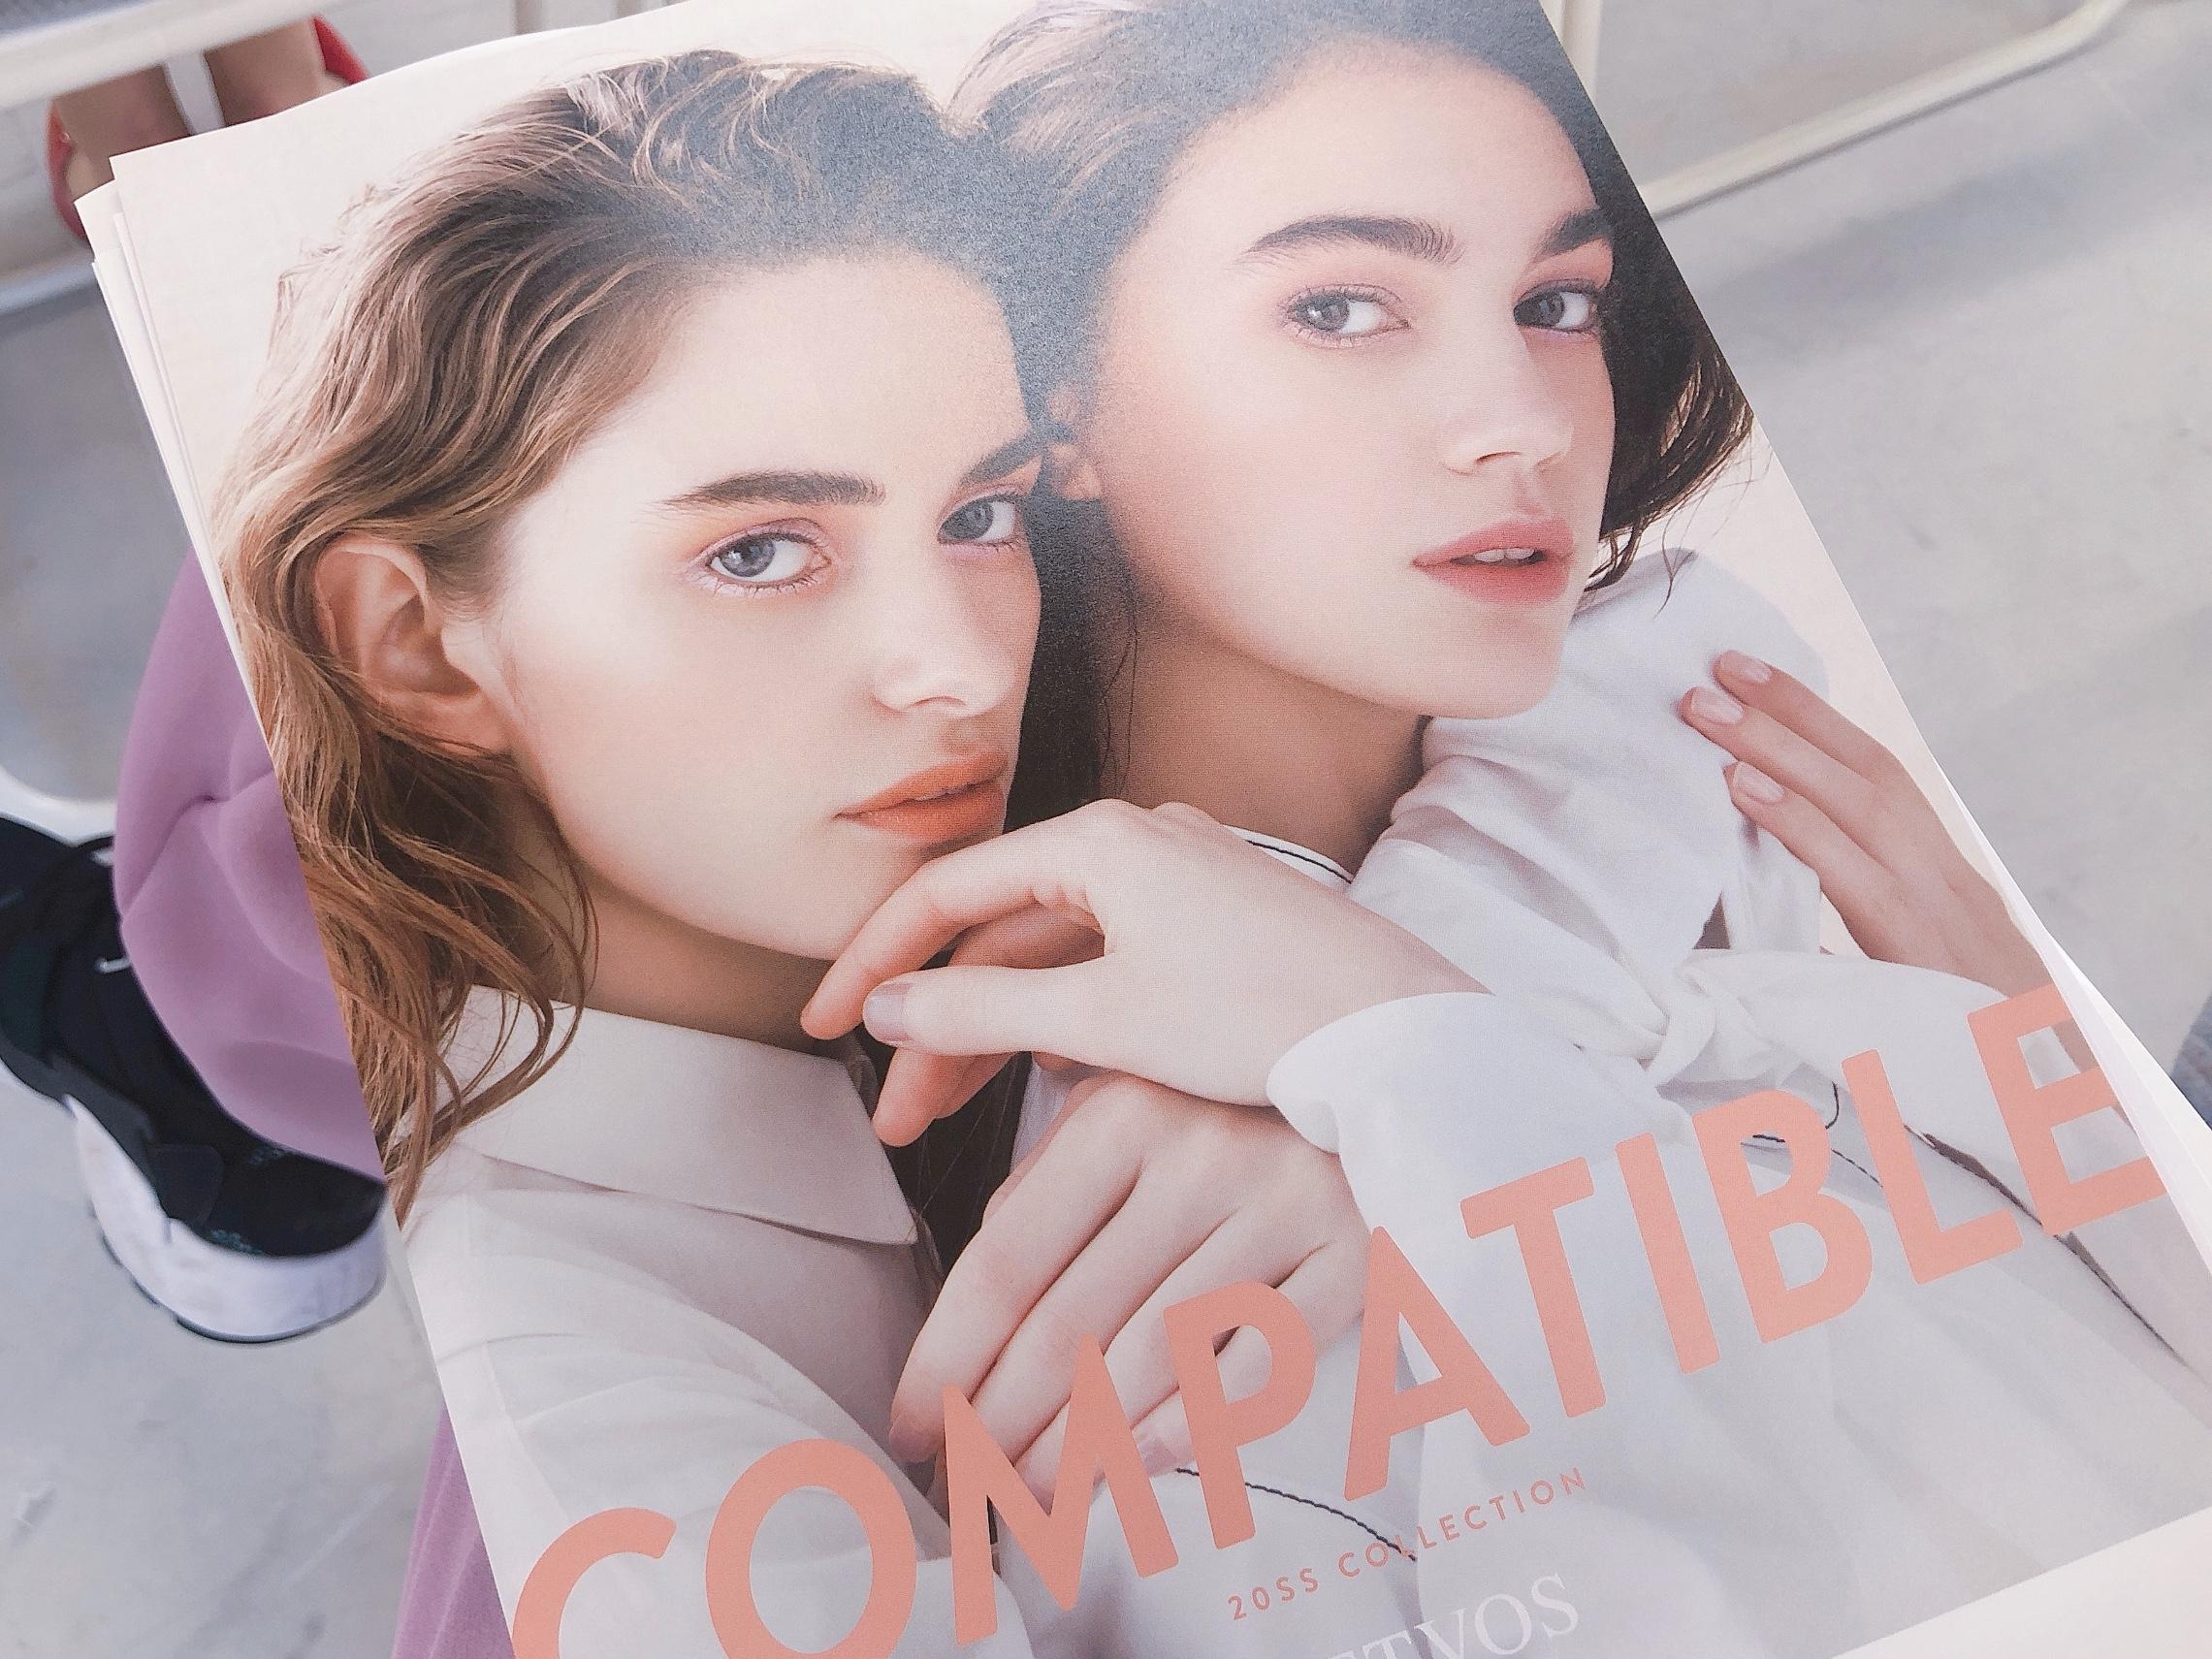 ETVOS(エトヴォス) 2020 春夏 コレクション「COMPATIBLE(コンパチブル)」がKawaii♡